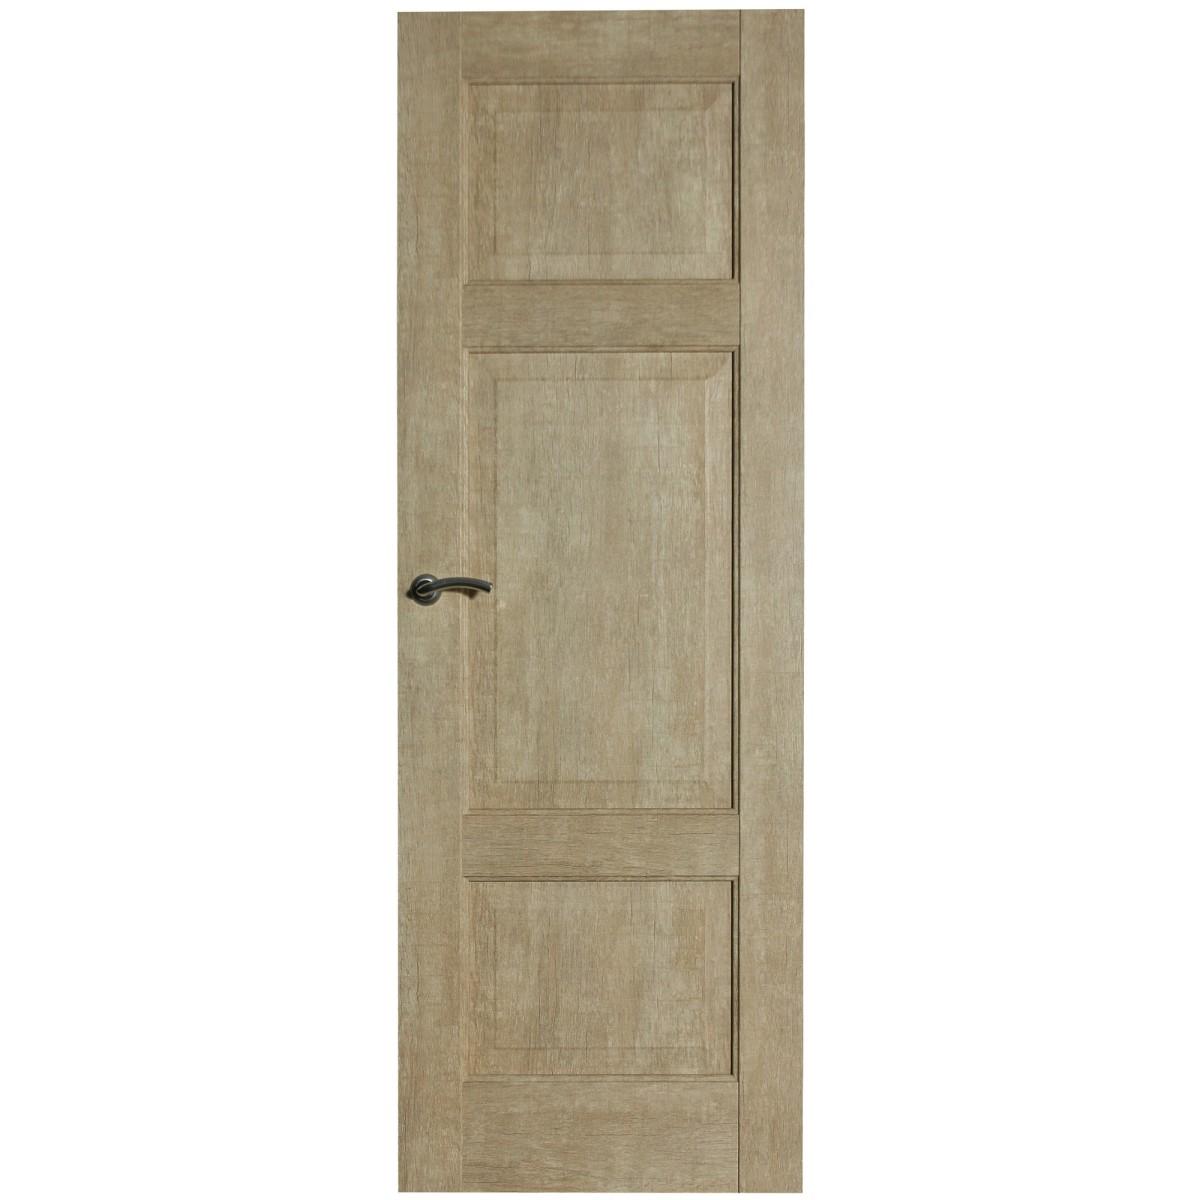 Дверь межкомнатная глухая Антико 90x200 см цвет винтажный дуб